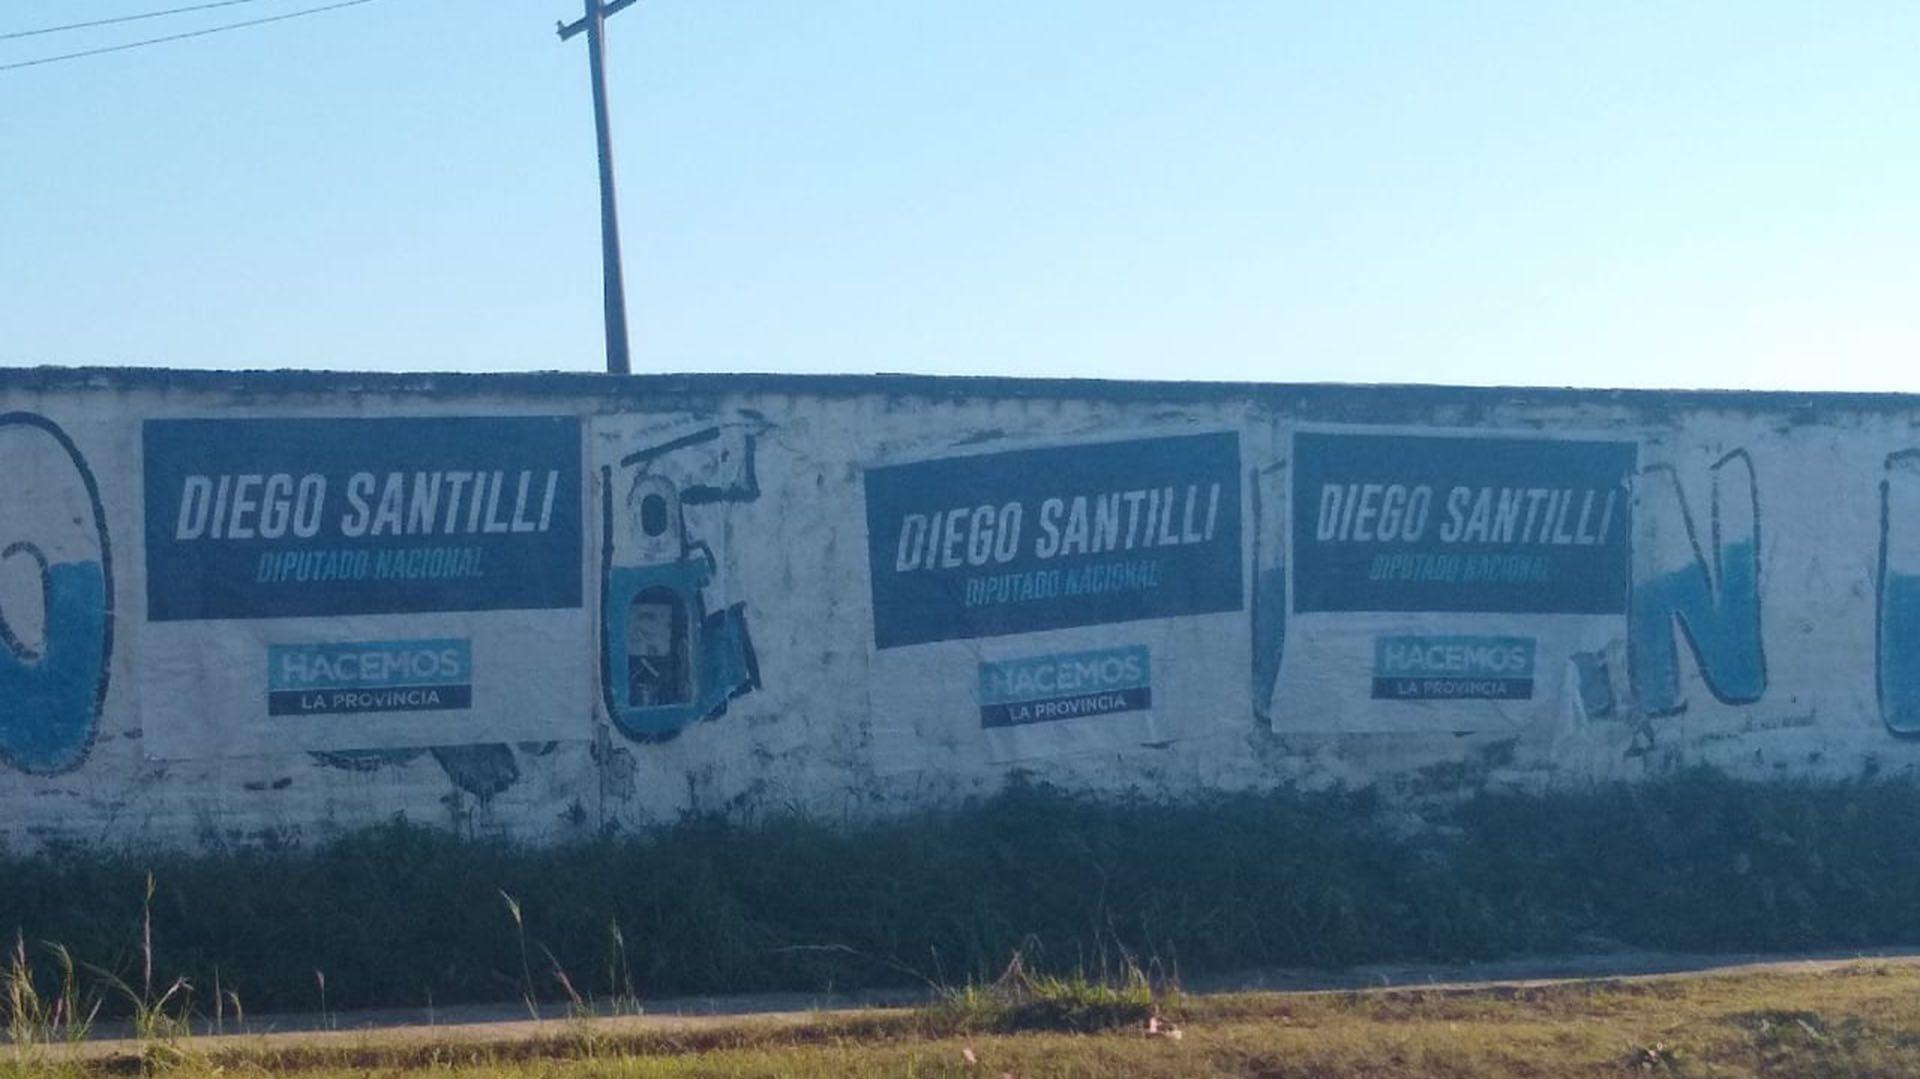 Diego Santilli en la provincia de Buenos Aires